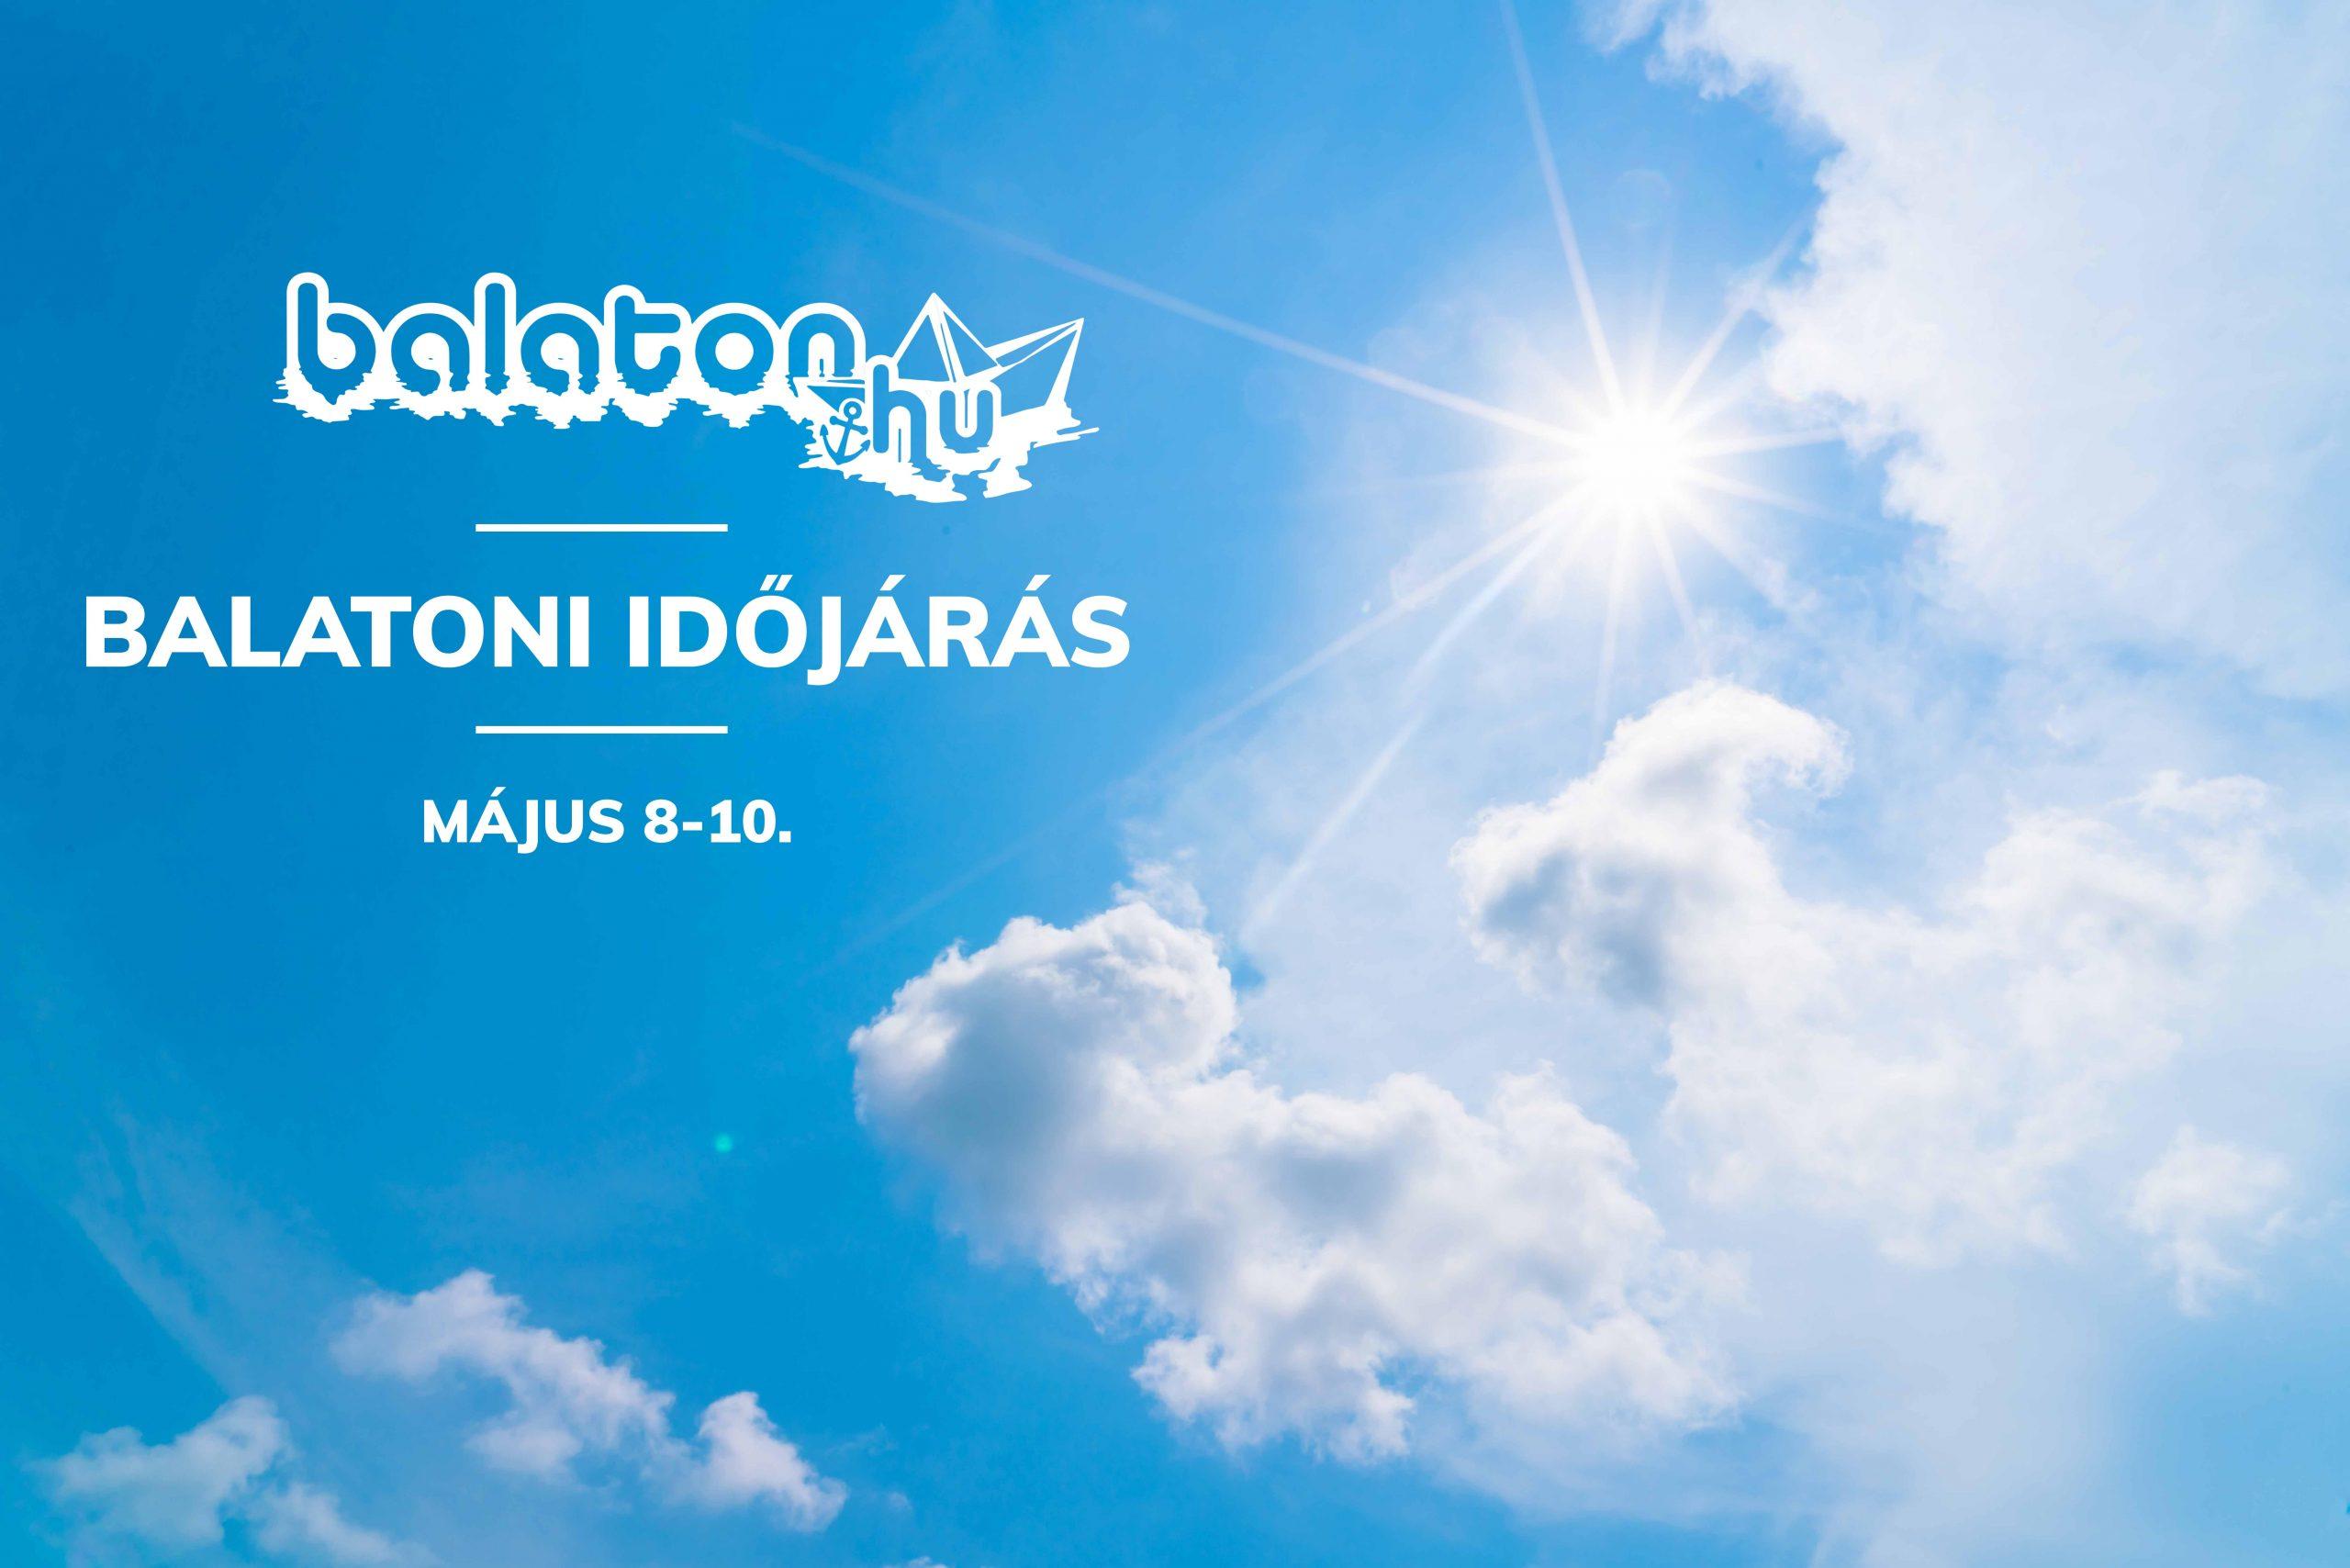 Időjárás a Balatonon – Május 8-10.